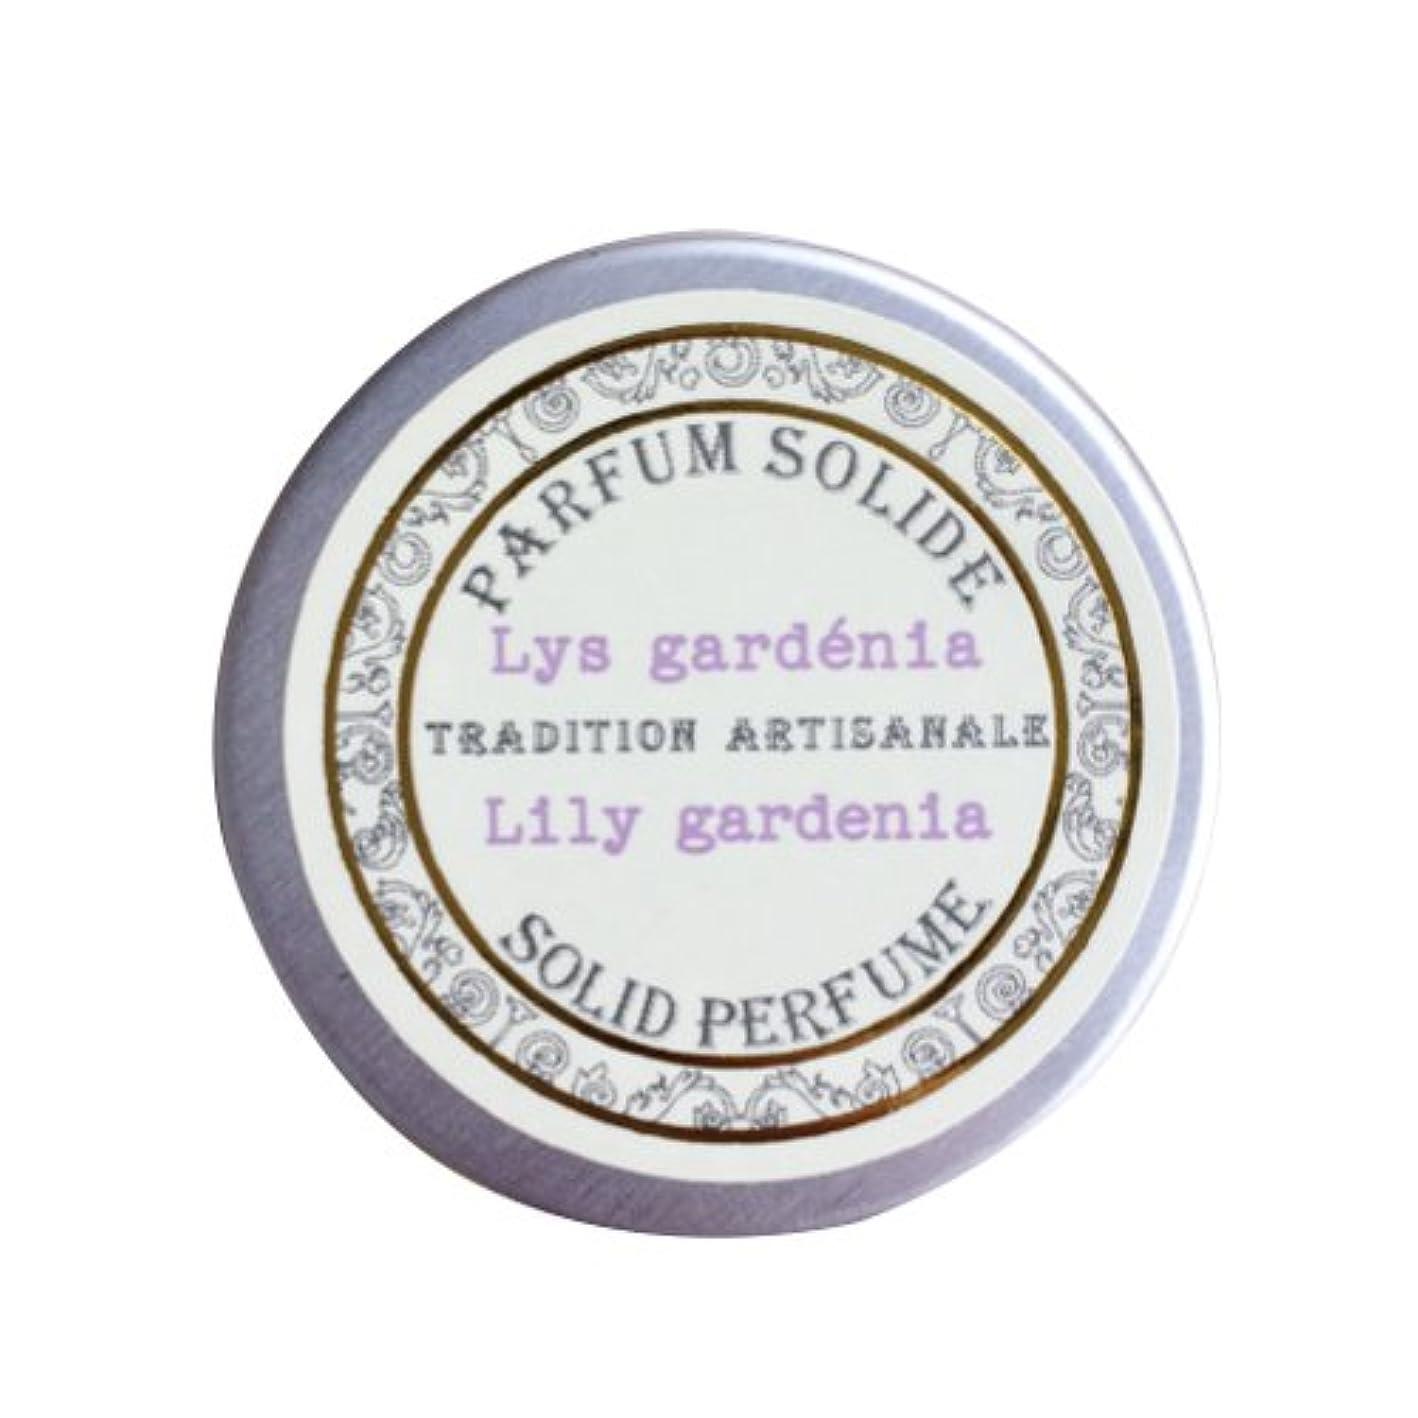 遮る耐えられない省Senteur et Beaute(サンタールエボーテ) フレンチクラシックシリーズ 練り香水 10g 「リリーガーデニア」 4994228023070